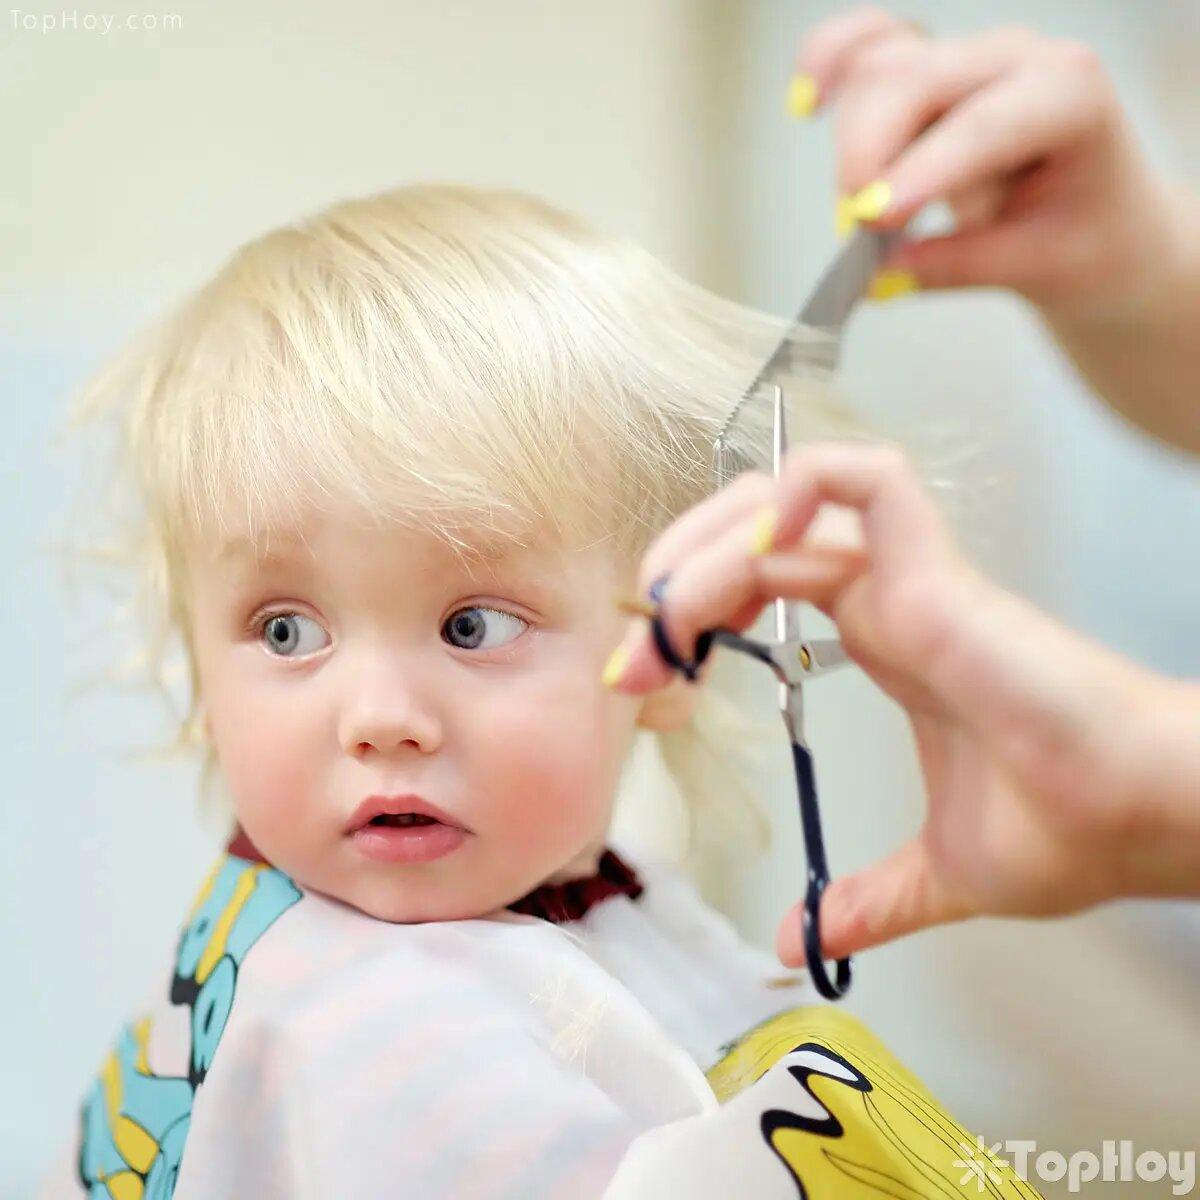 Si se le corta el cabello a un bebé antes que cumpla un año, nunca aprenderá a hablar.